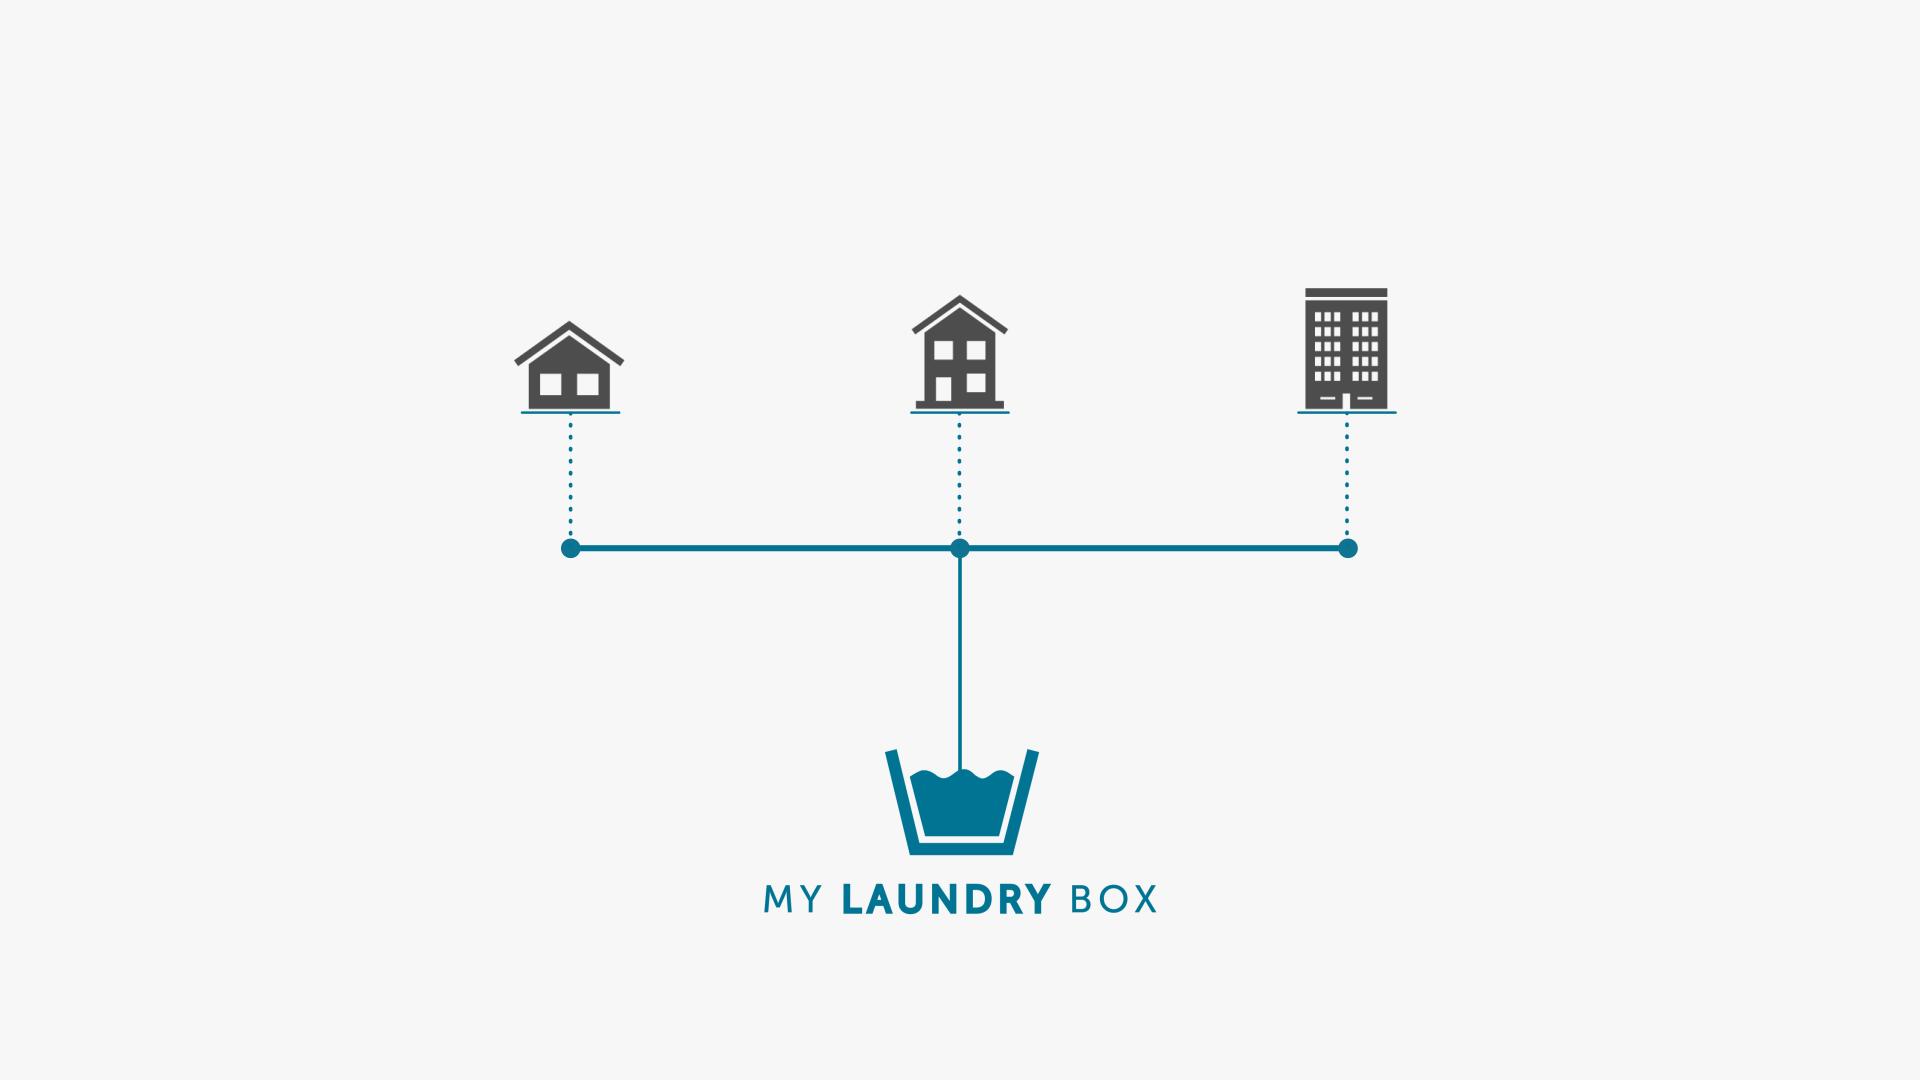 my laundry box